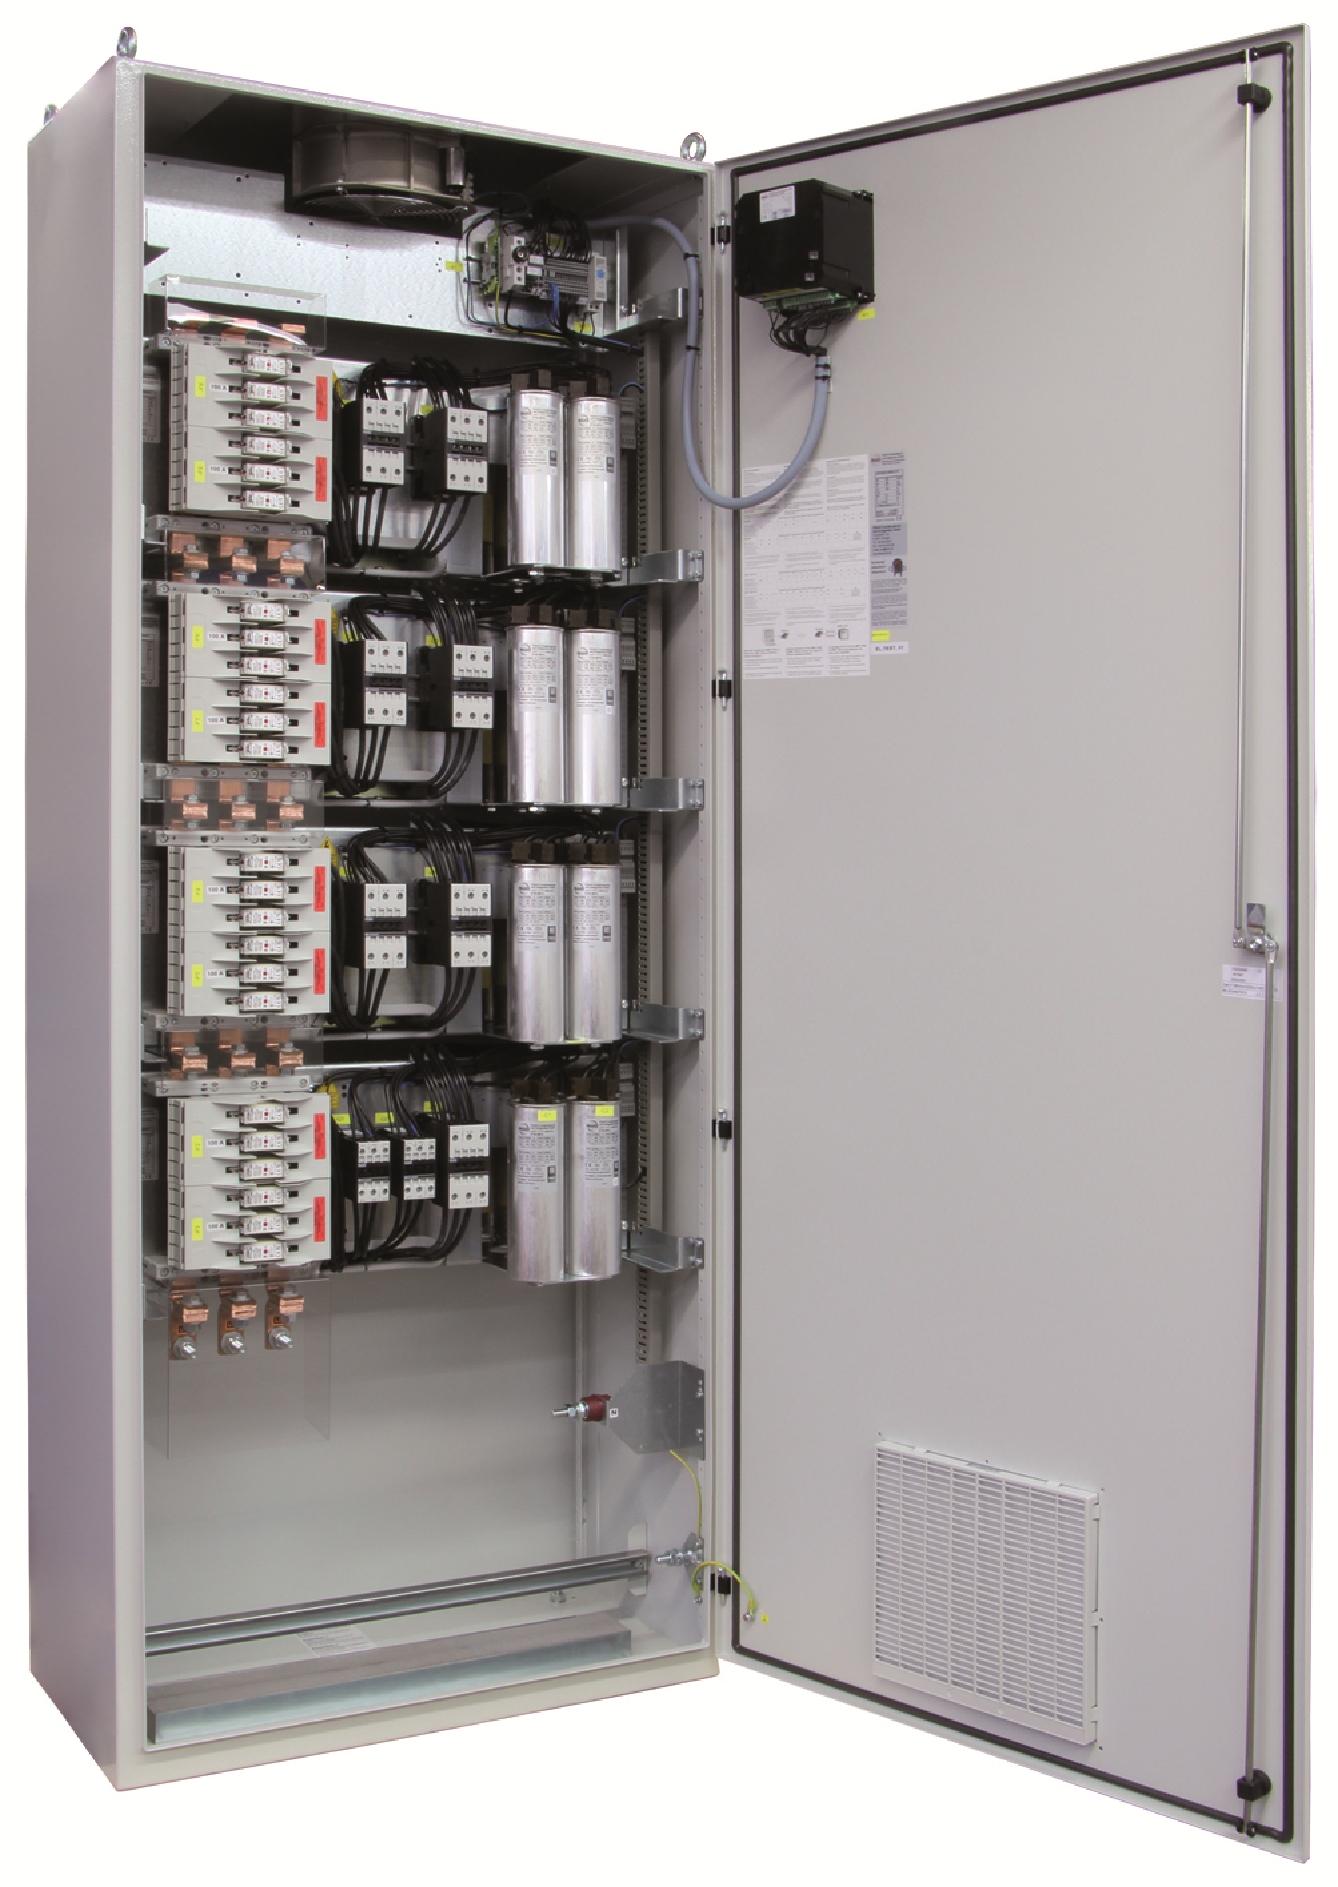 1 Stk Kompensation LSFC 14% 75/6,25kvar 600x2000x400mm FR3422615-